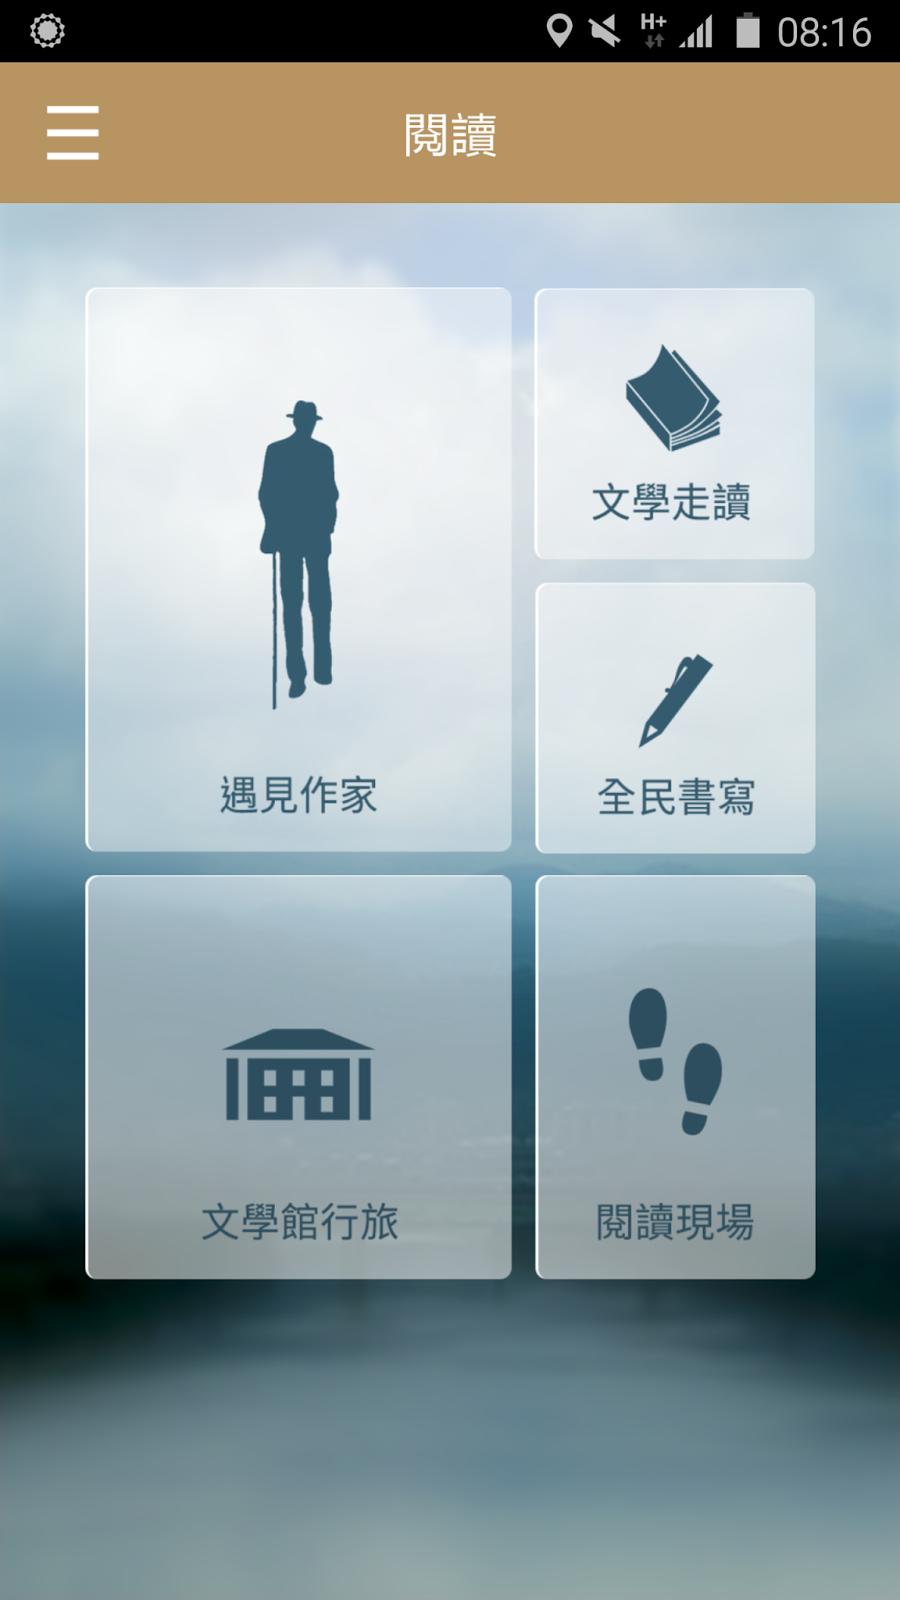 跟著台灣文學作家的足跡去旅行!另類文青旅遊 App